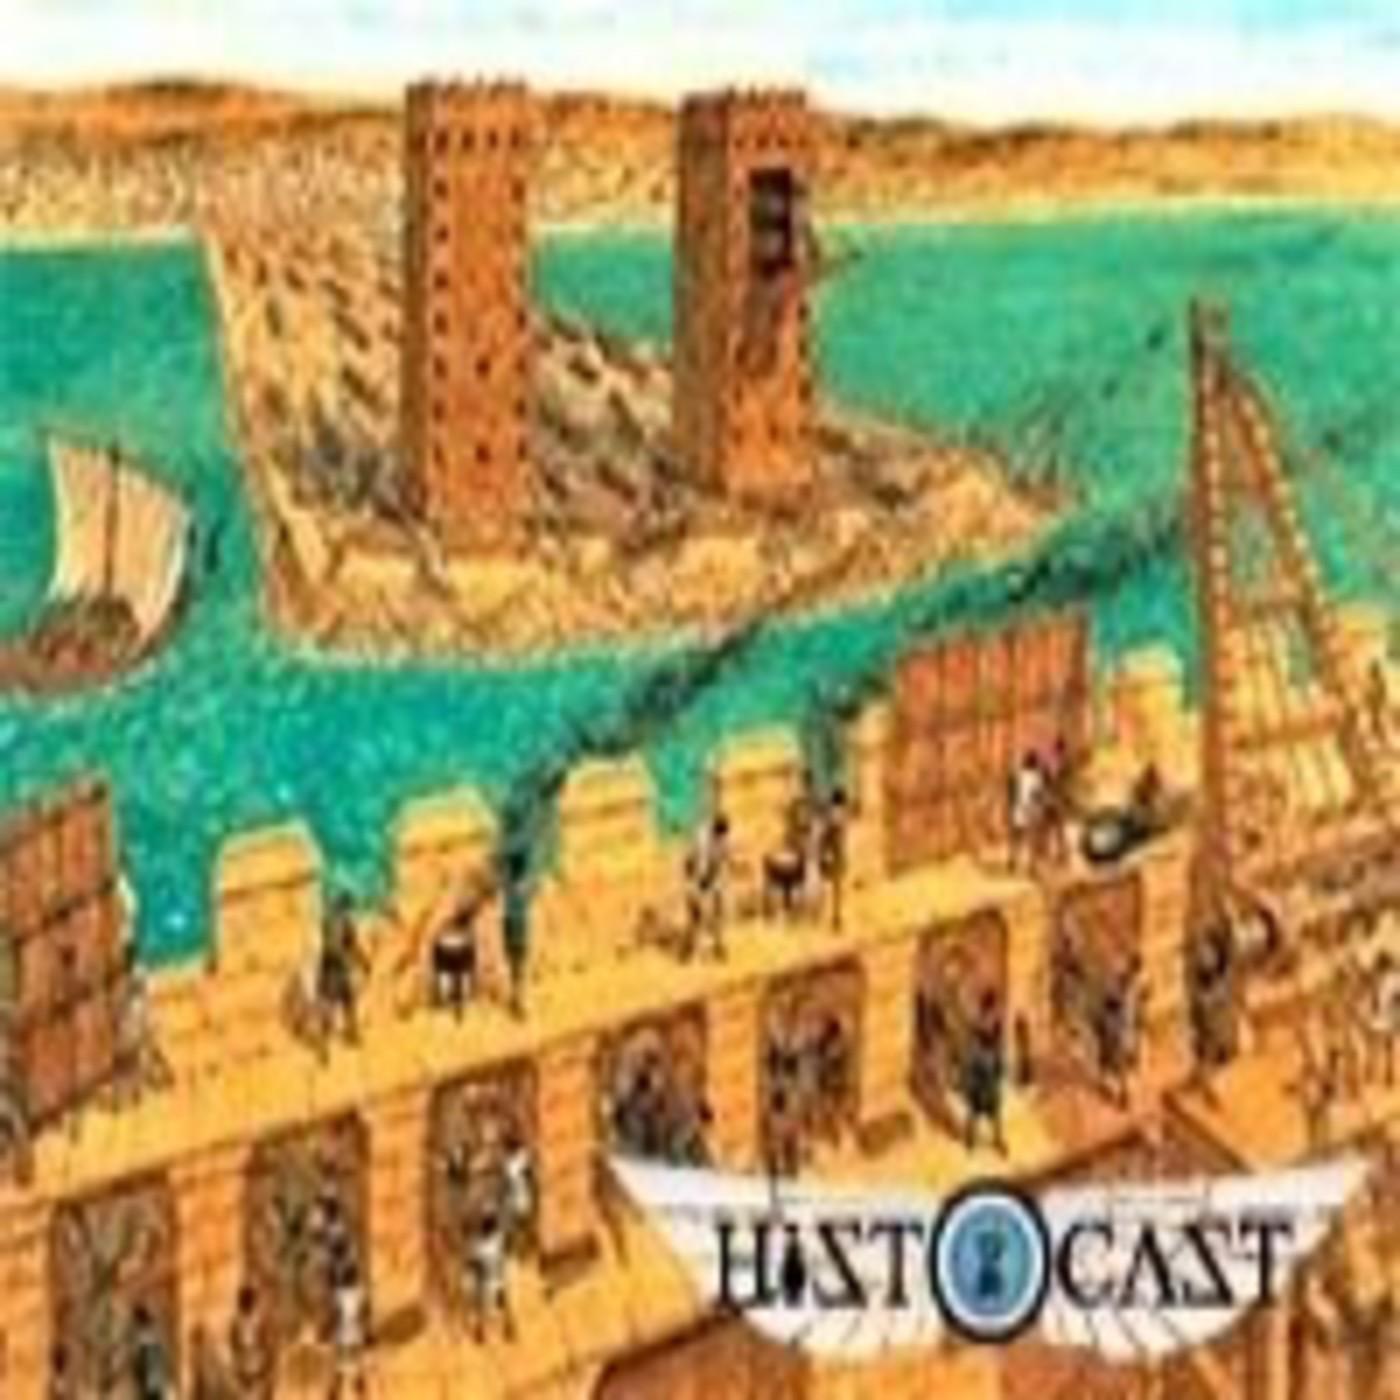 HistoCast 75 - Sitios y asedios legendarios IV